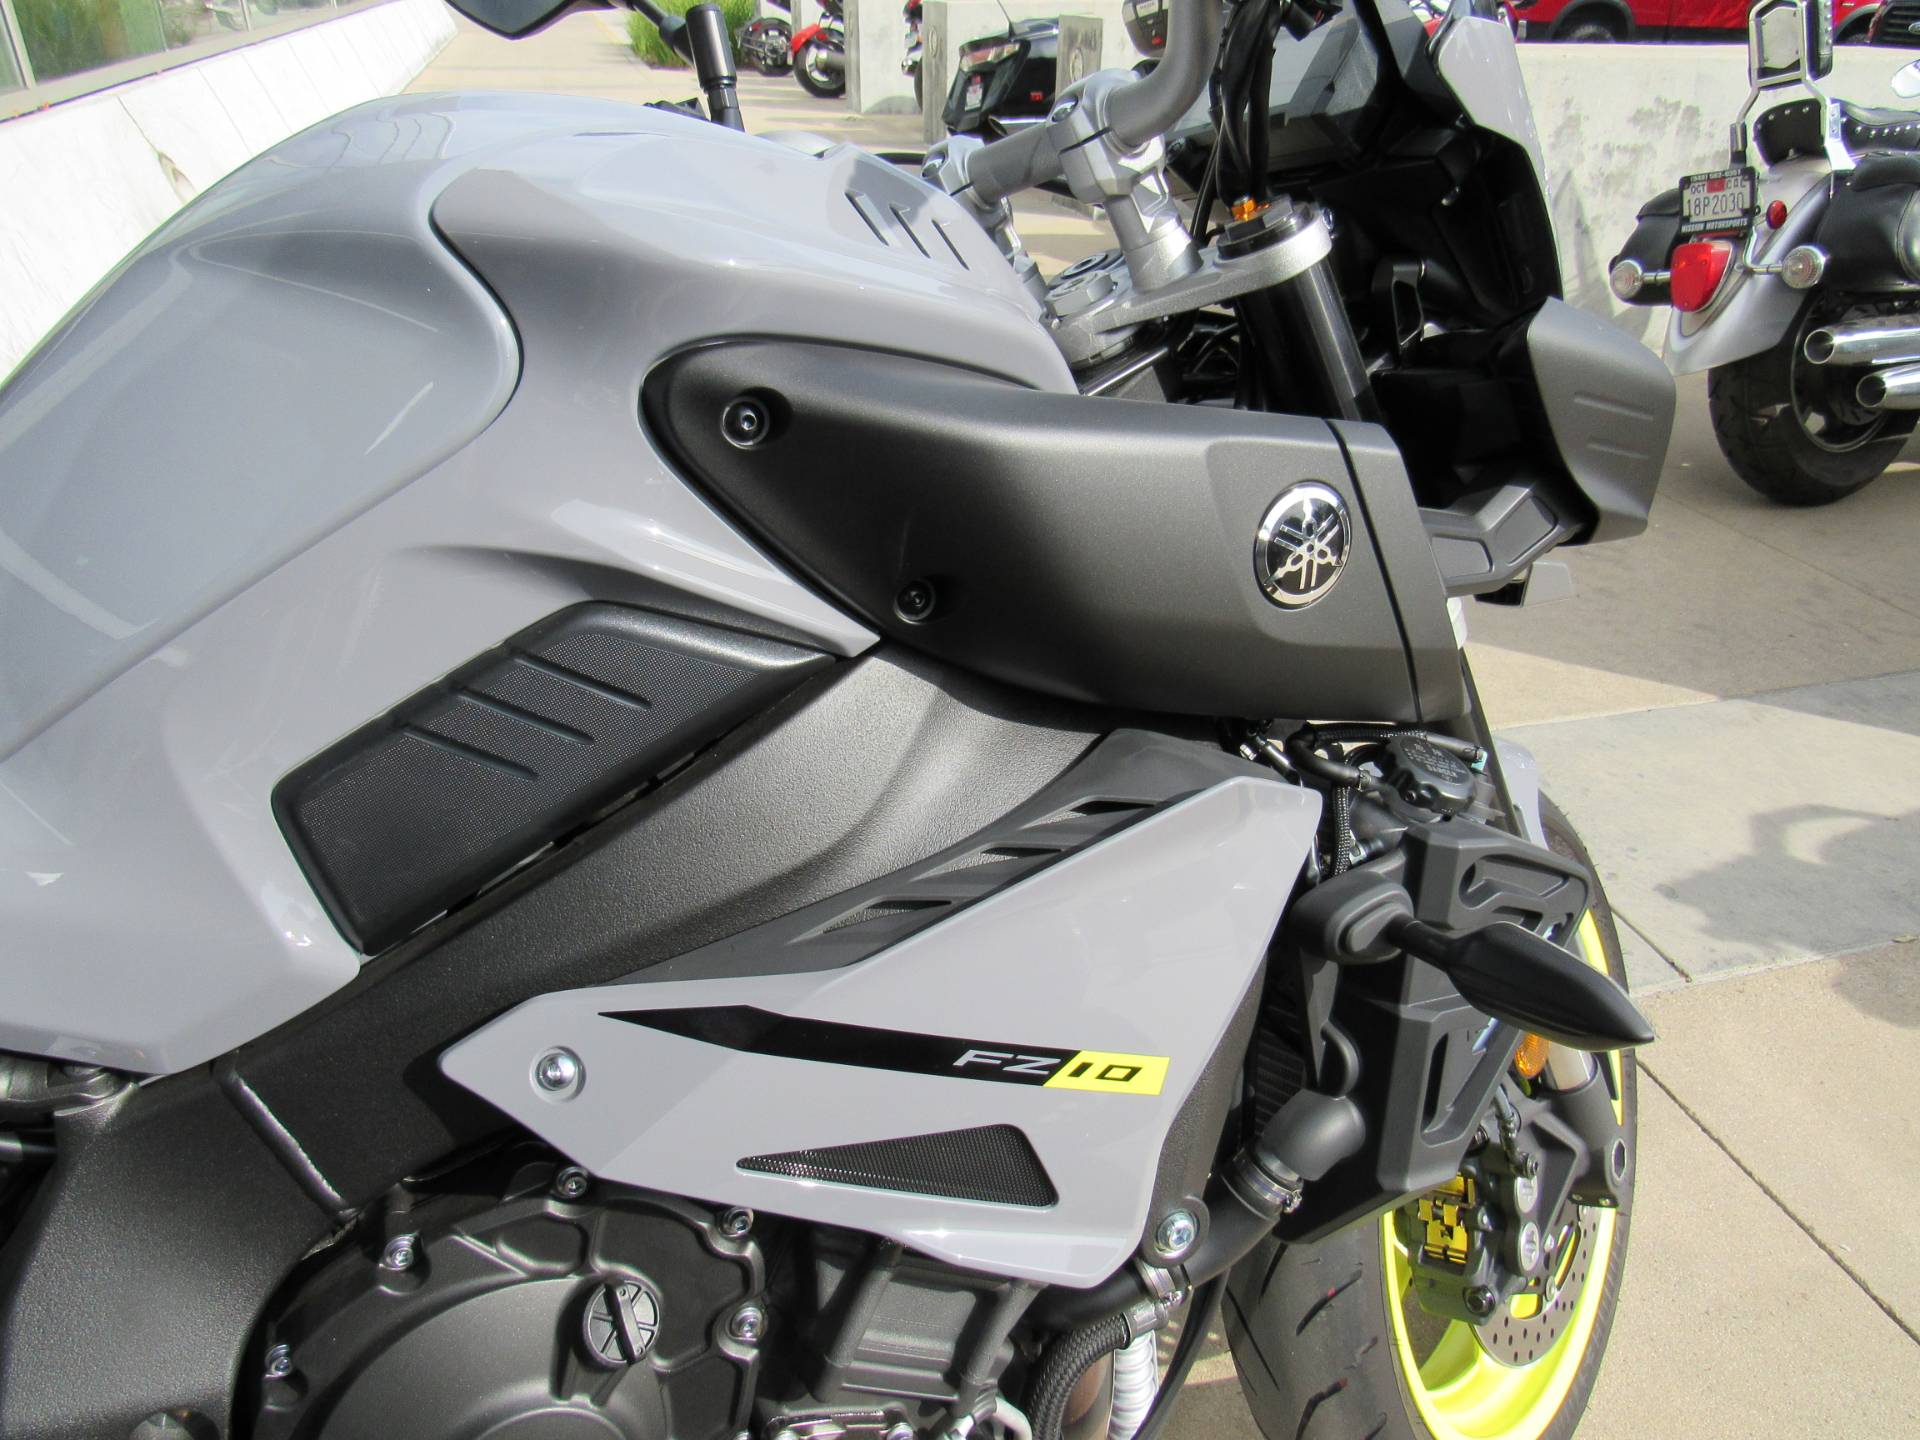 2017 Yamaha FZ-10 11